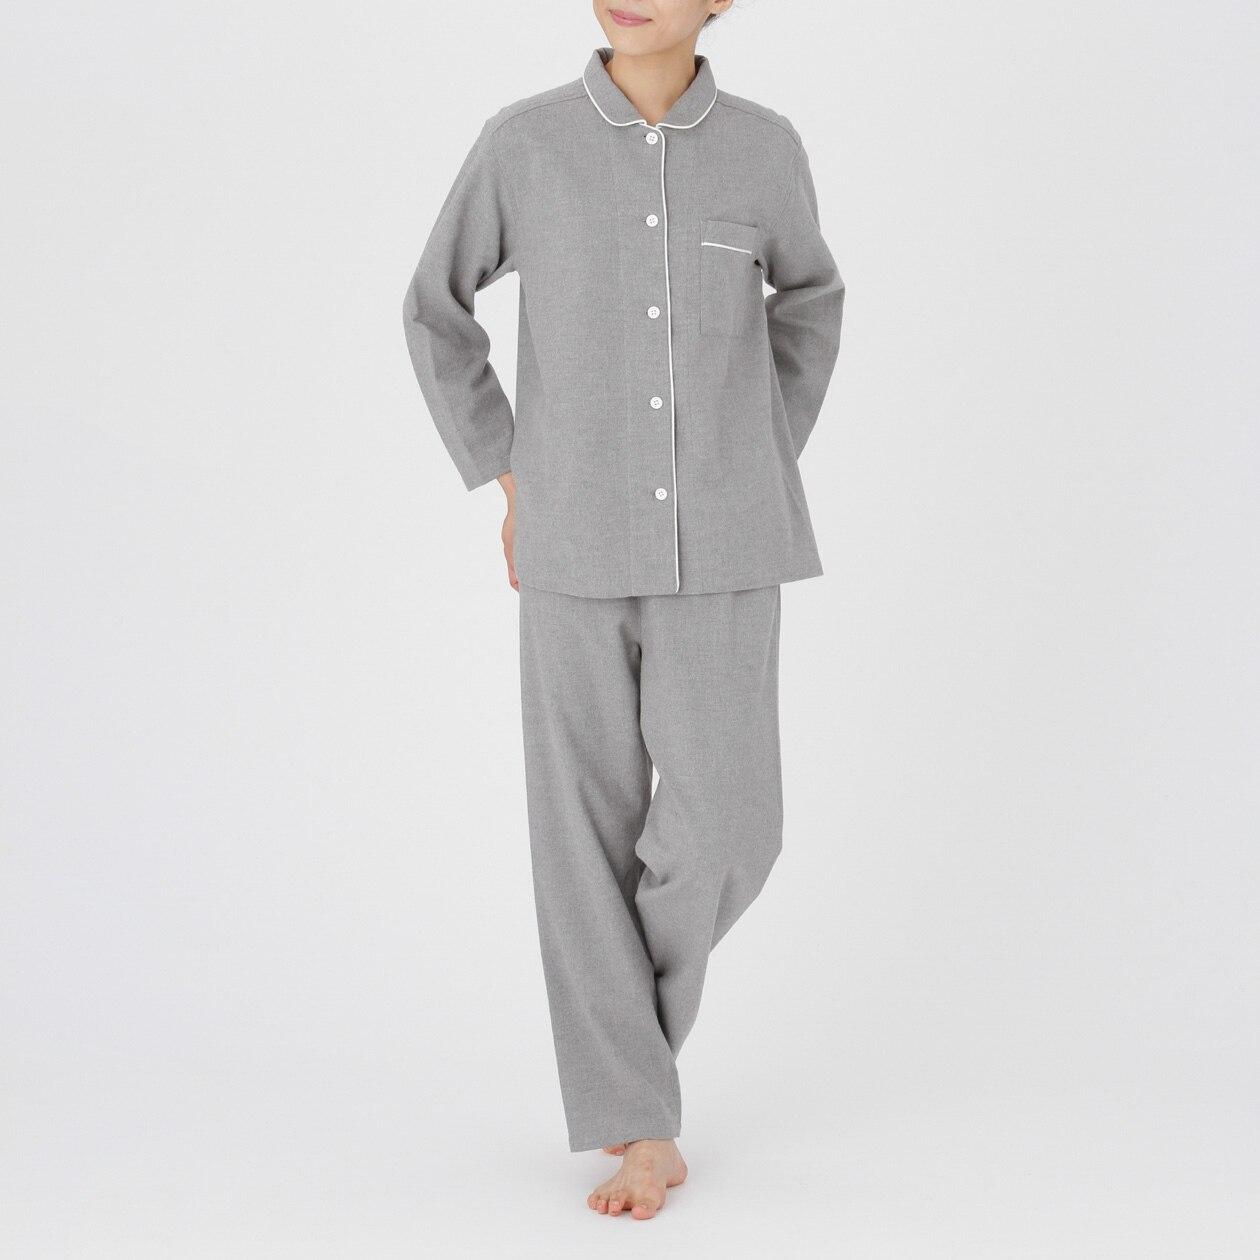 RoomClip商品情報 - 【メンズ】【レディース】脇に縫い目のないフランネルパジャマ グレー